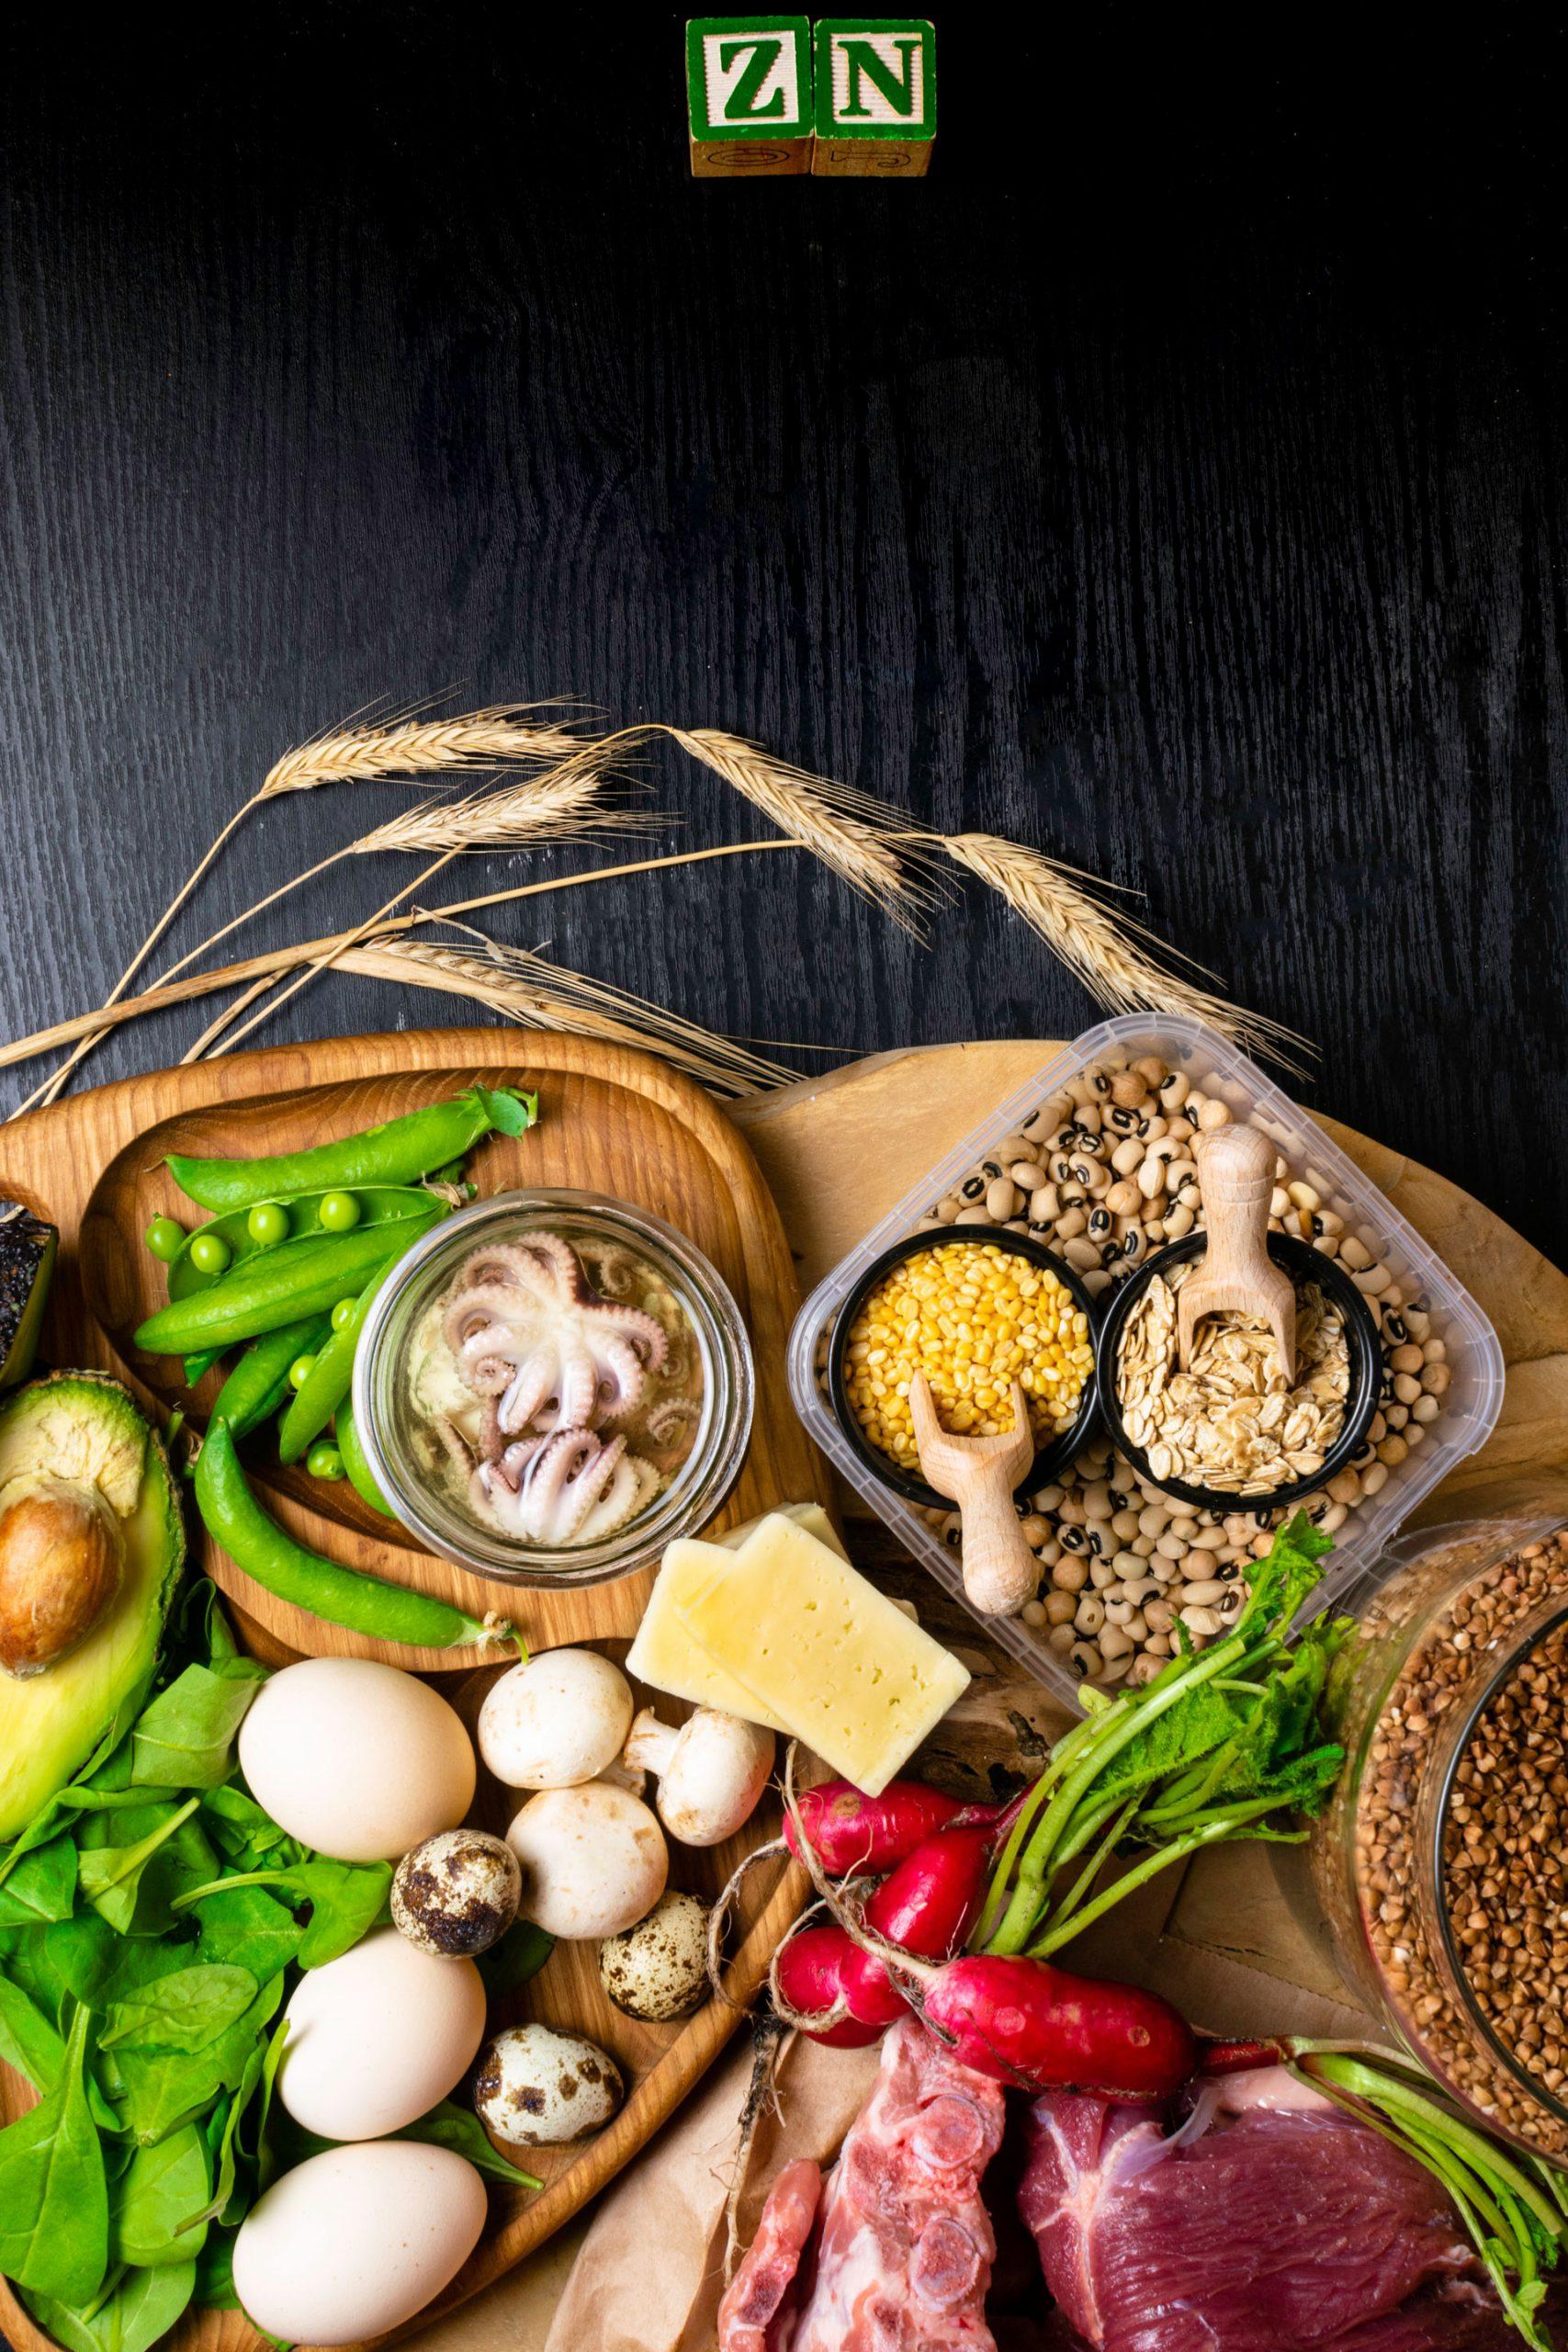 Jak szybko schudnąć? Schudnij szybko w tydzień - dieta na 7 dni - Odchudzanie - sunela.eu